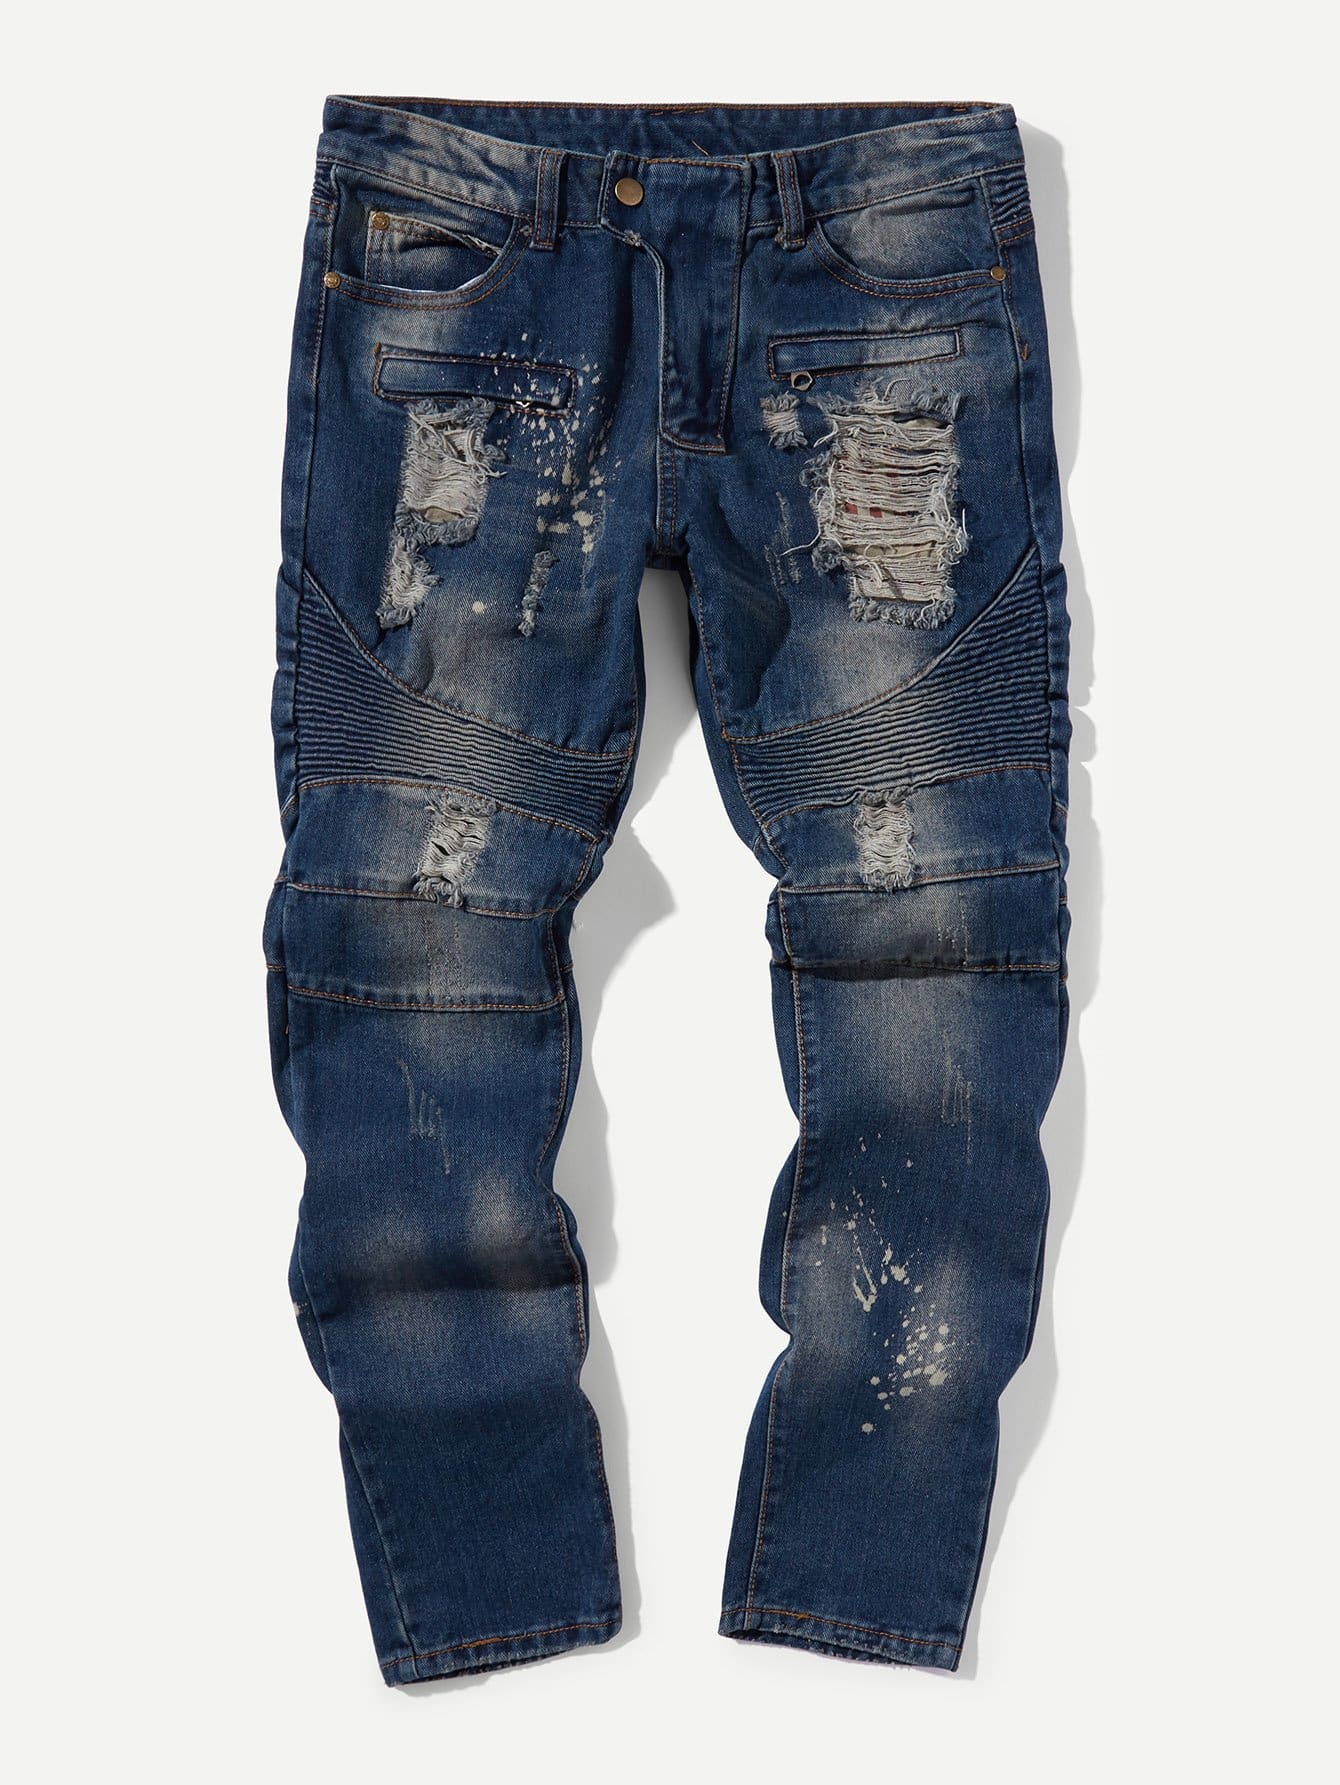 Купить Рваные джинсы и со складками для мужчины, null, SheIn